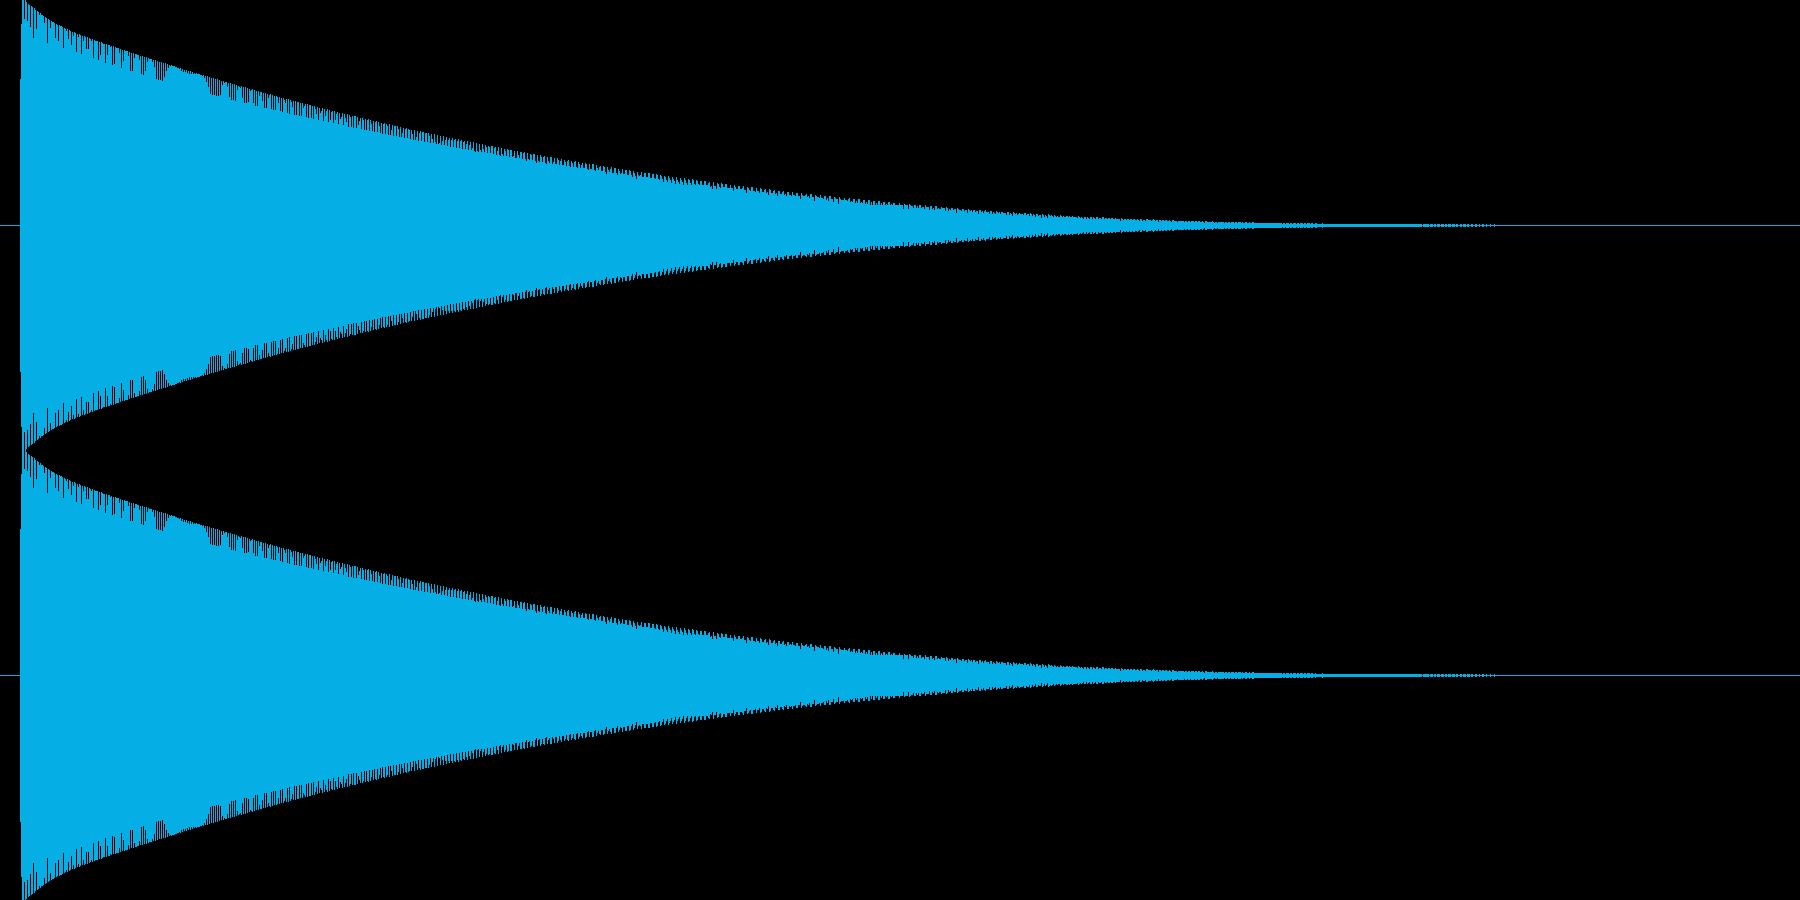 フォーンと長い軌道を描いて落下する音の再生済みの波形